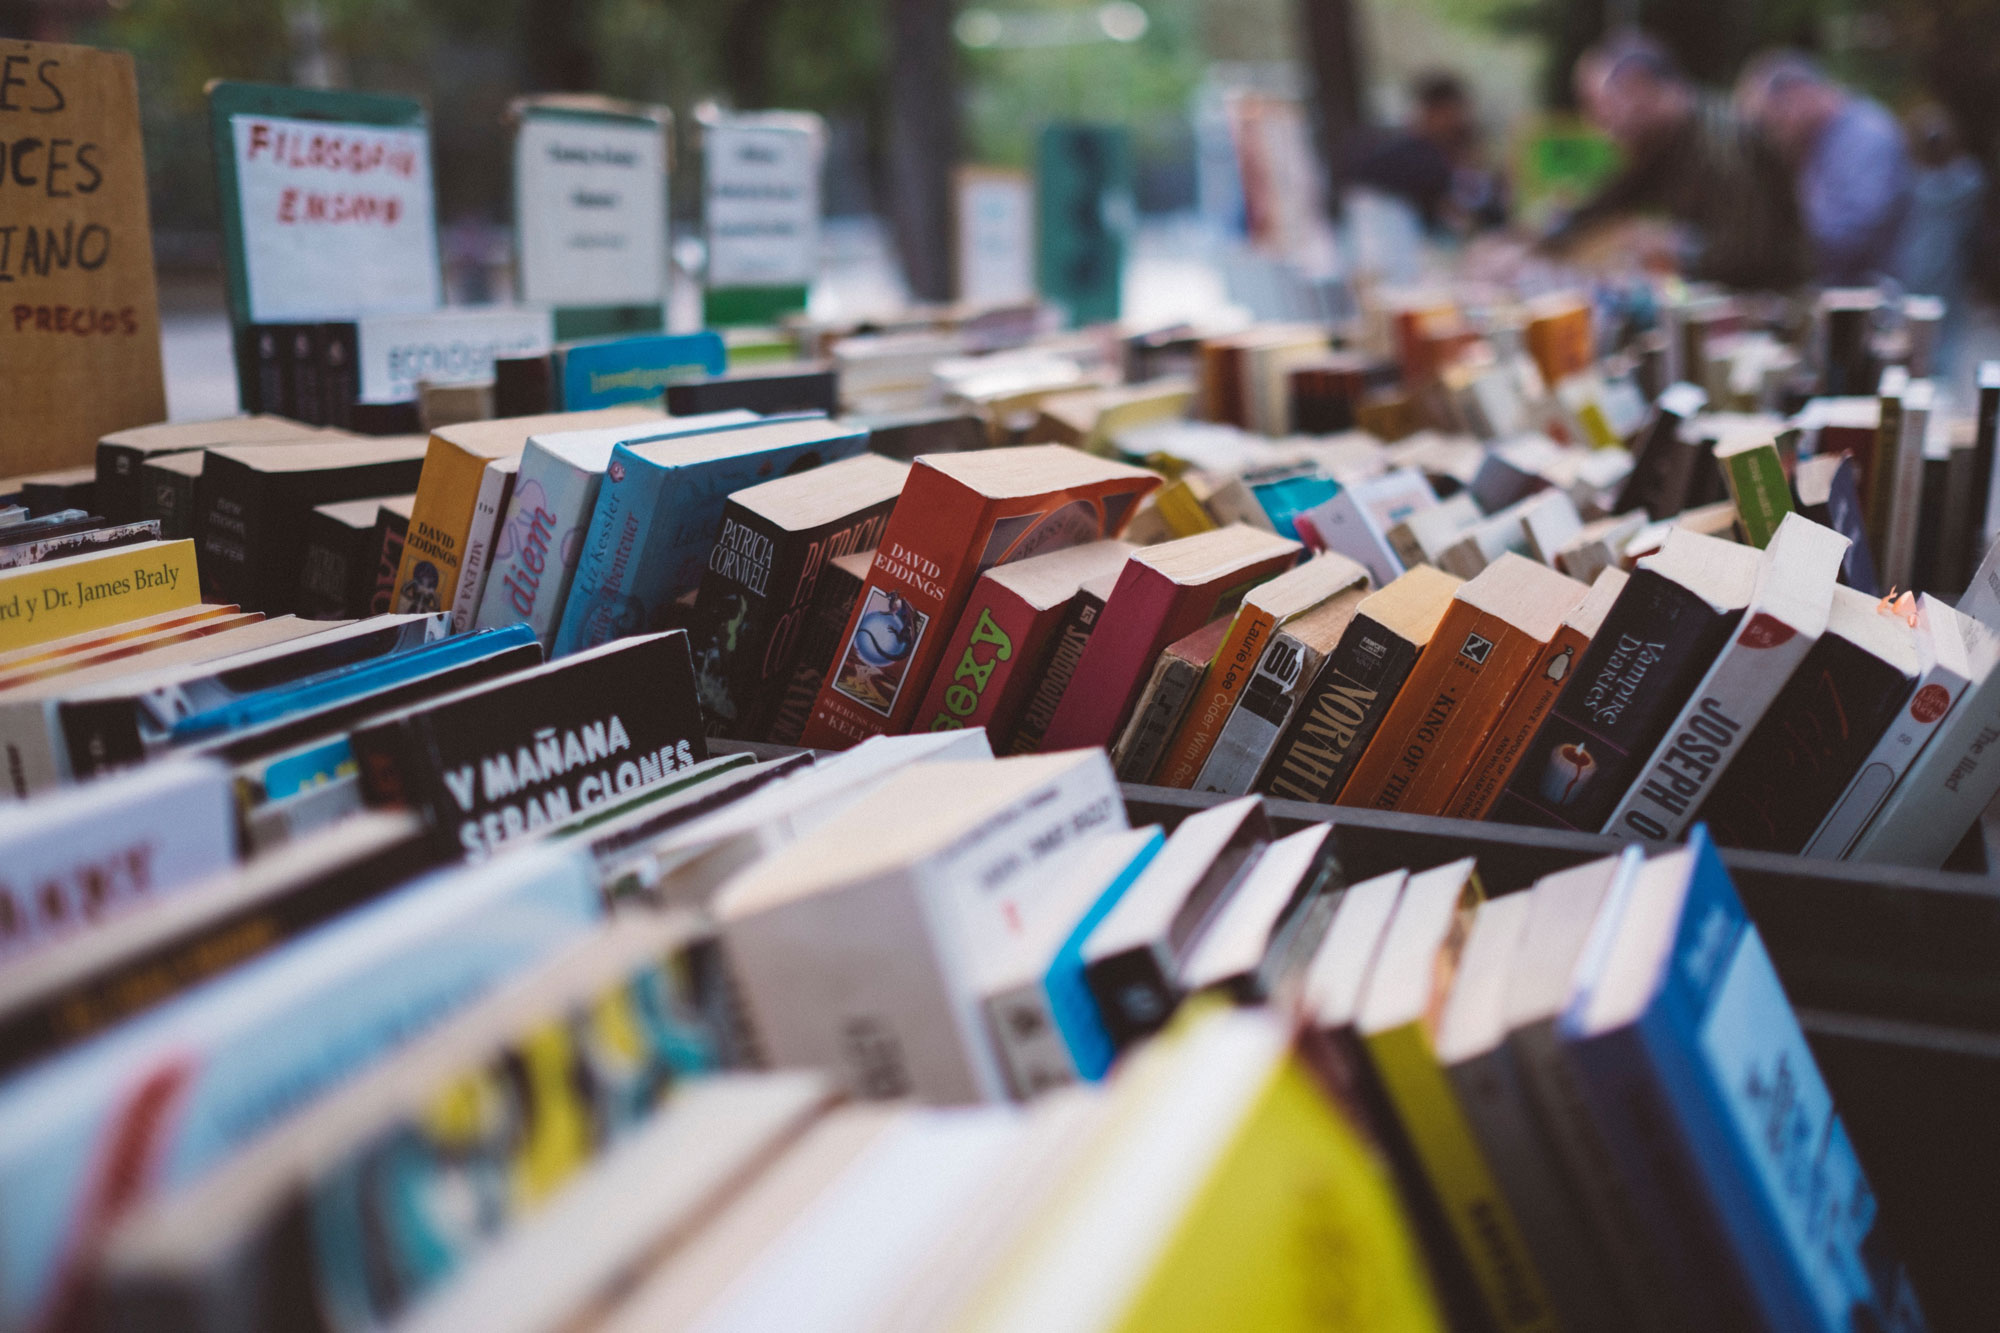 Bibliothèque culture Pont-à-Celles Centre culturel culture